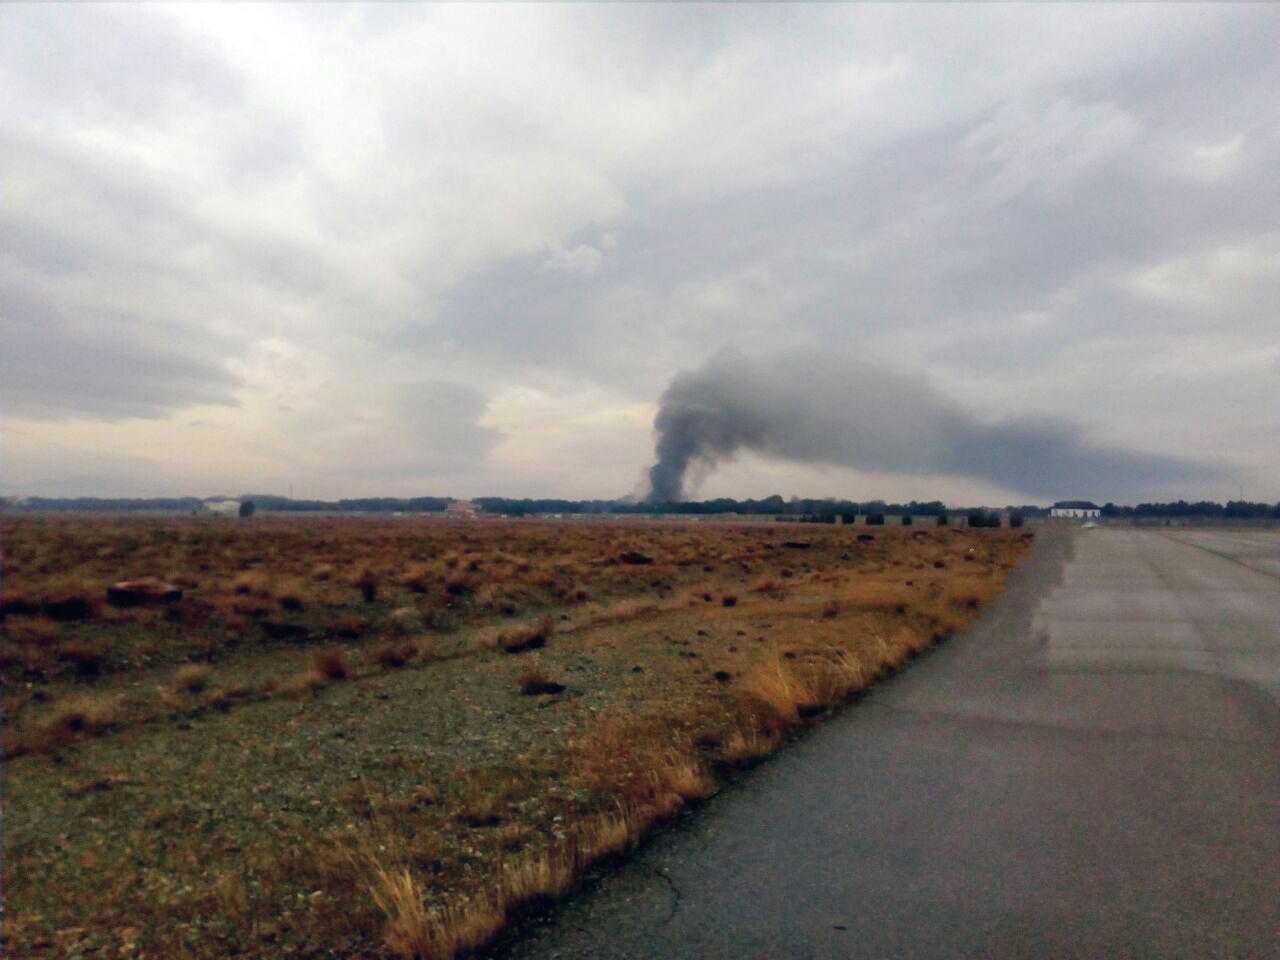 سقوط هواپیمای باری بویینگ ۷۰۷ حوالی فرودگاه فتح کرج